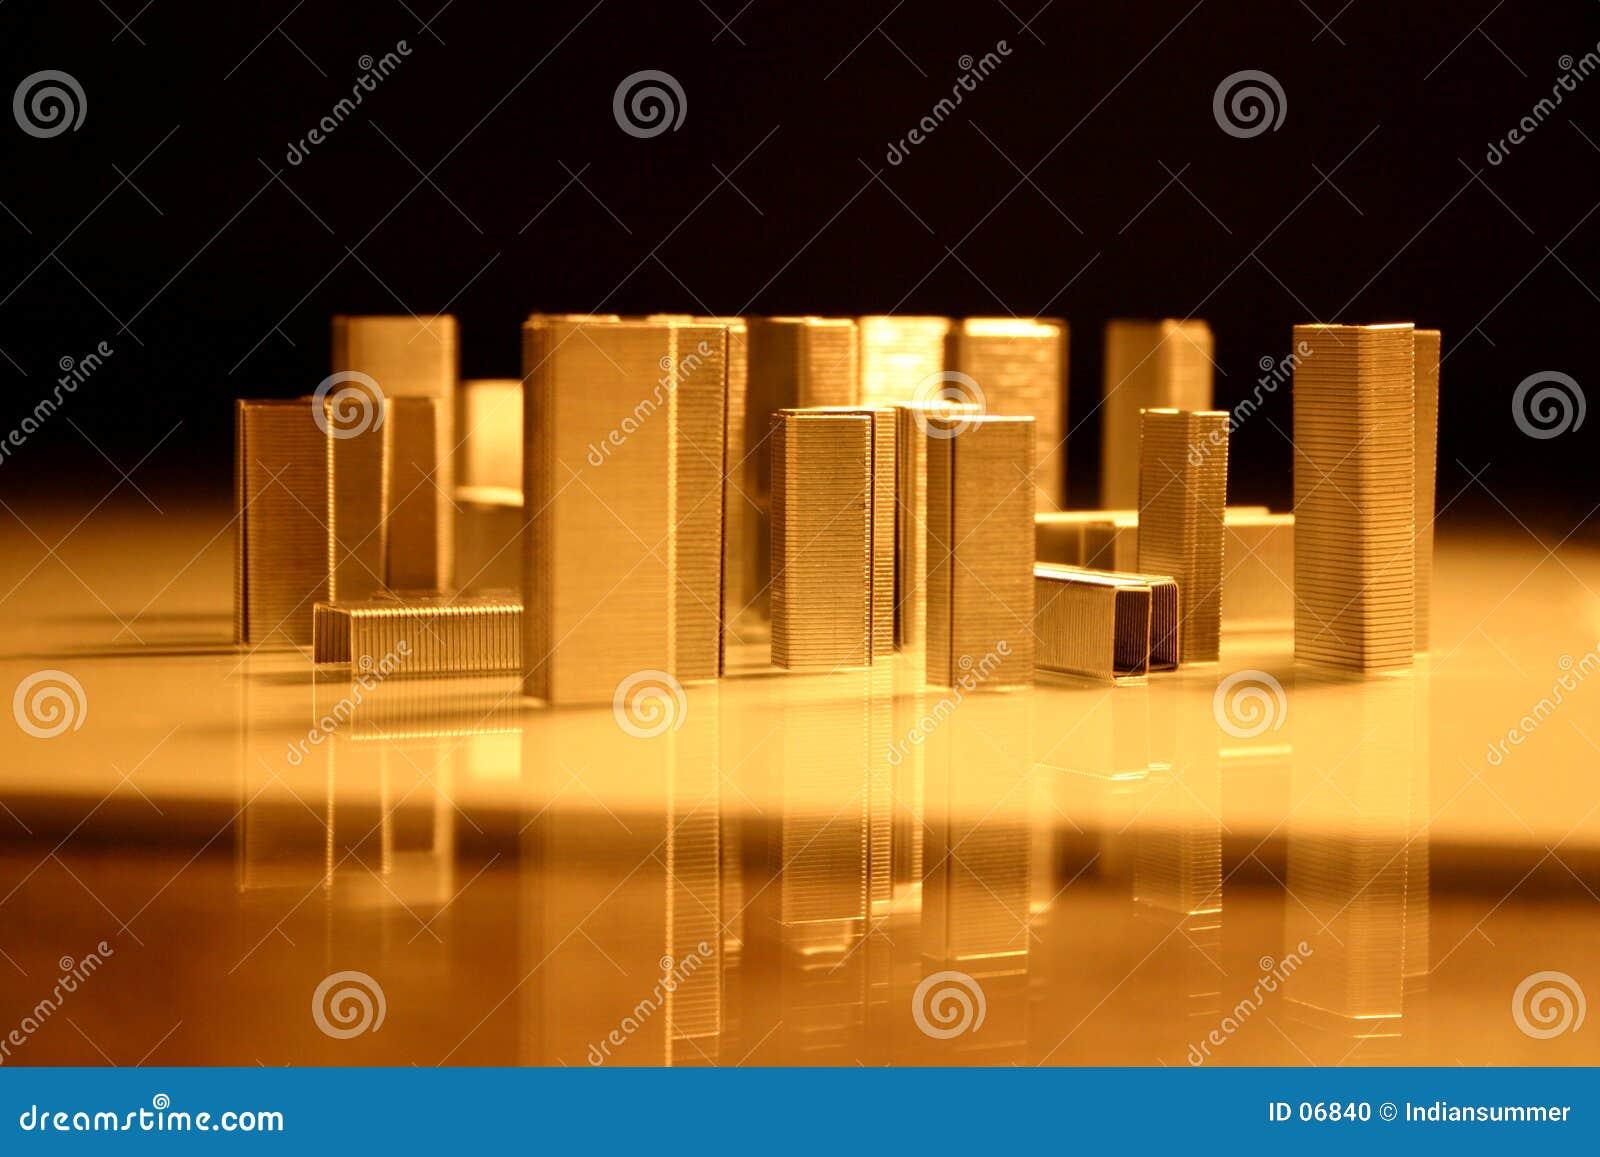 De architectuur van nietjes, stad I